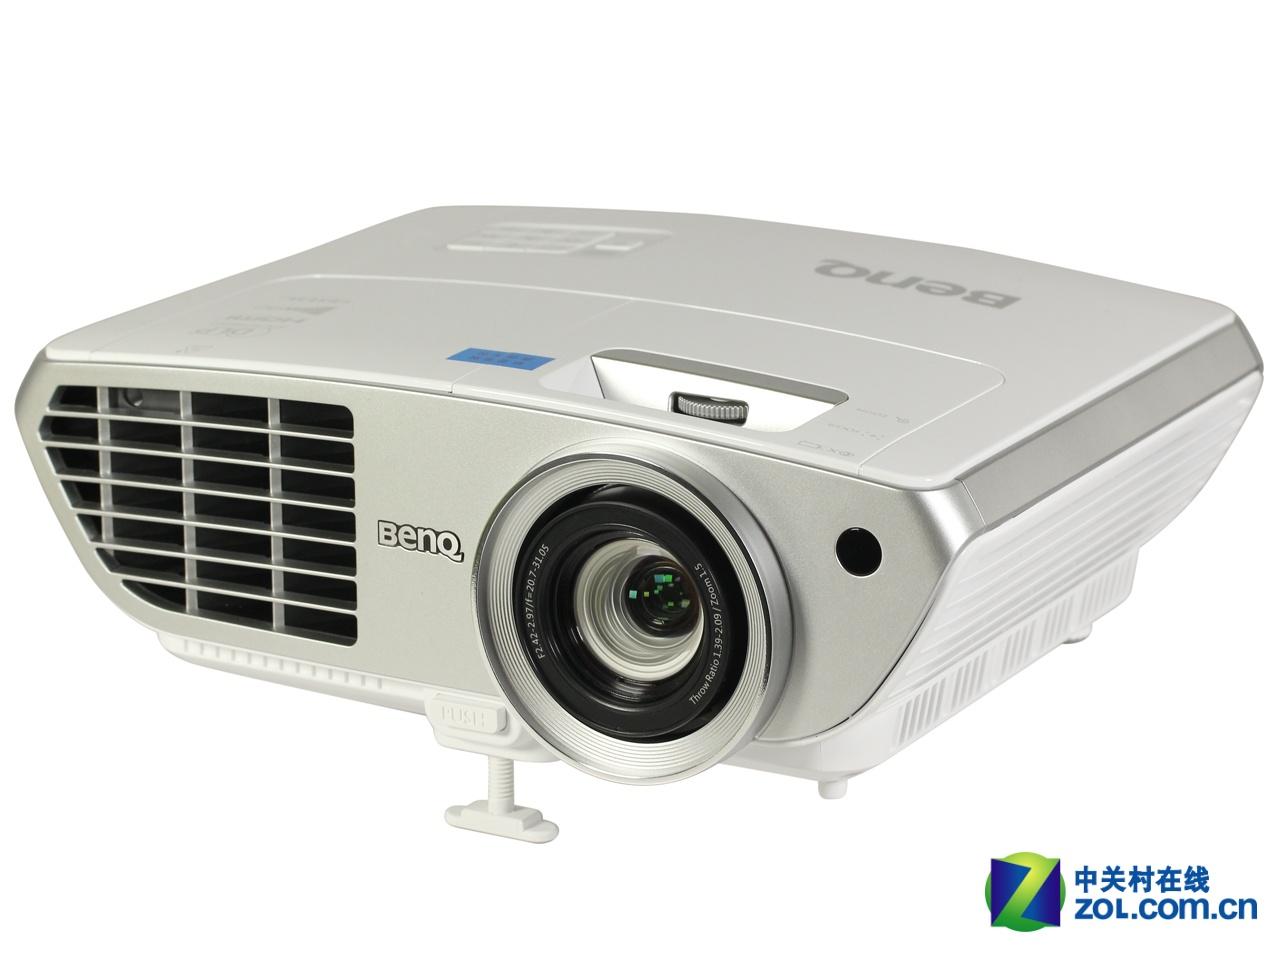 6月末大促销 精选1080P高清家用投影机